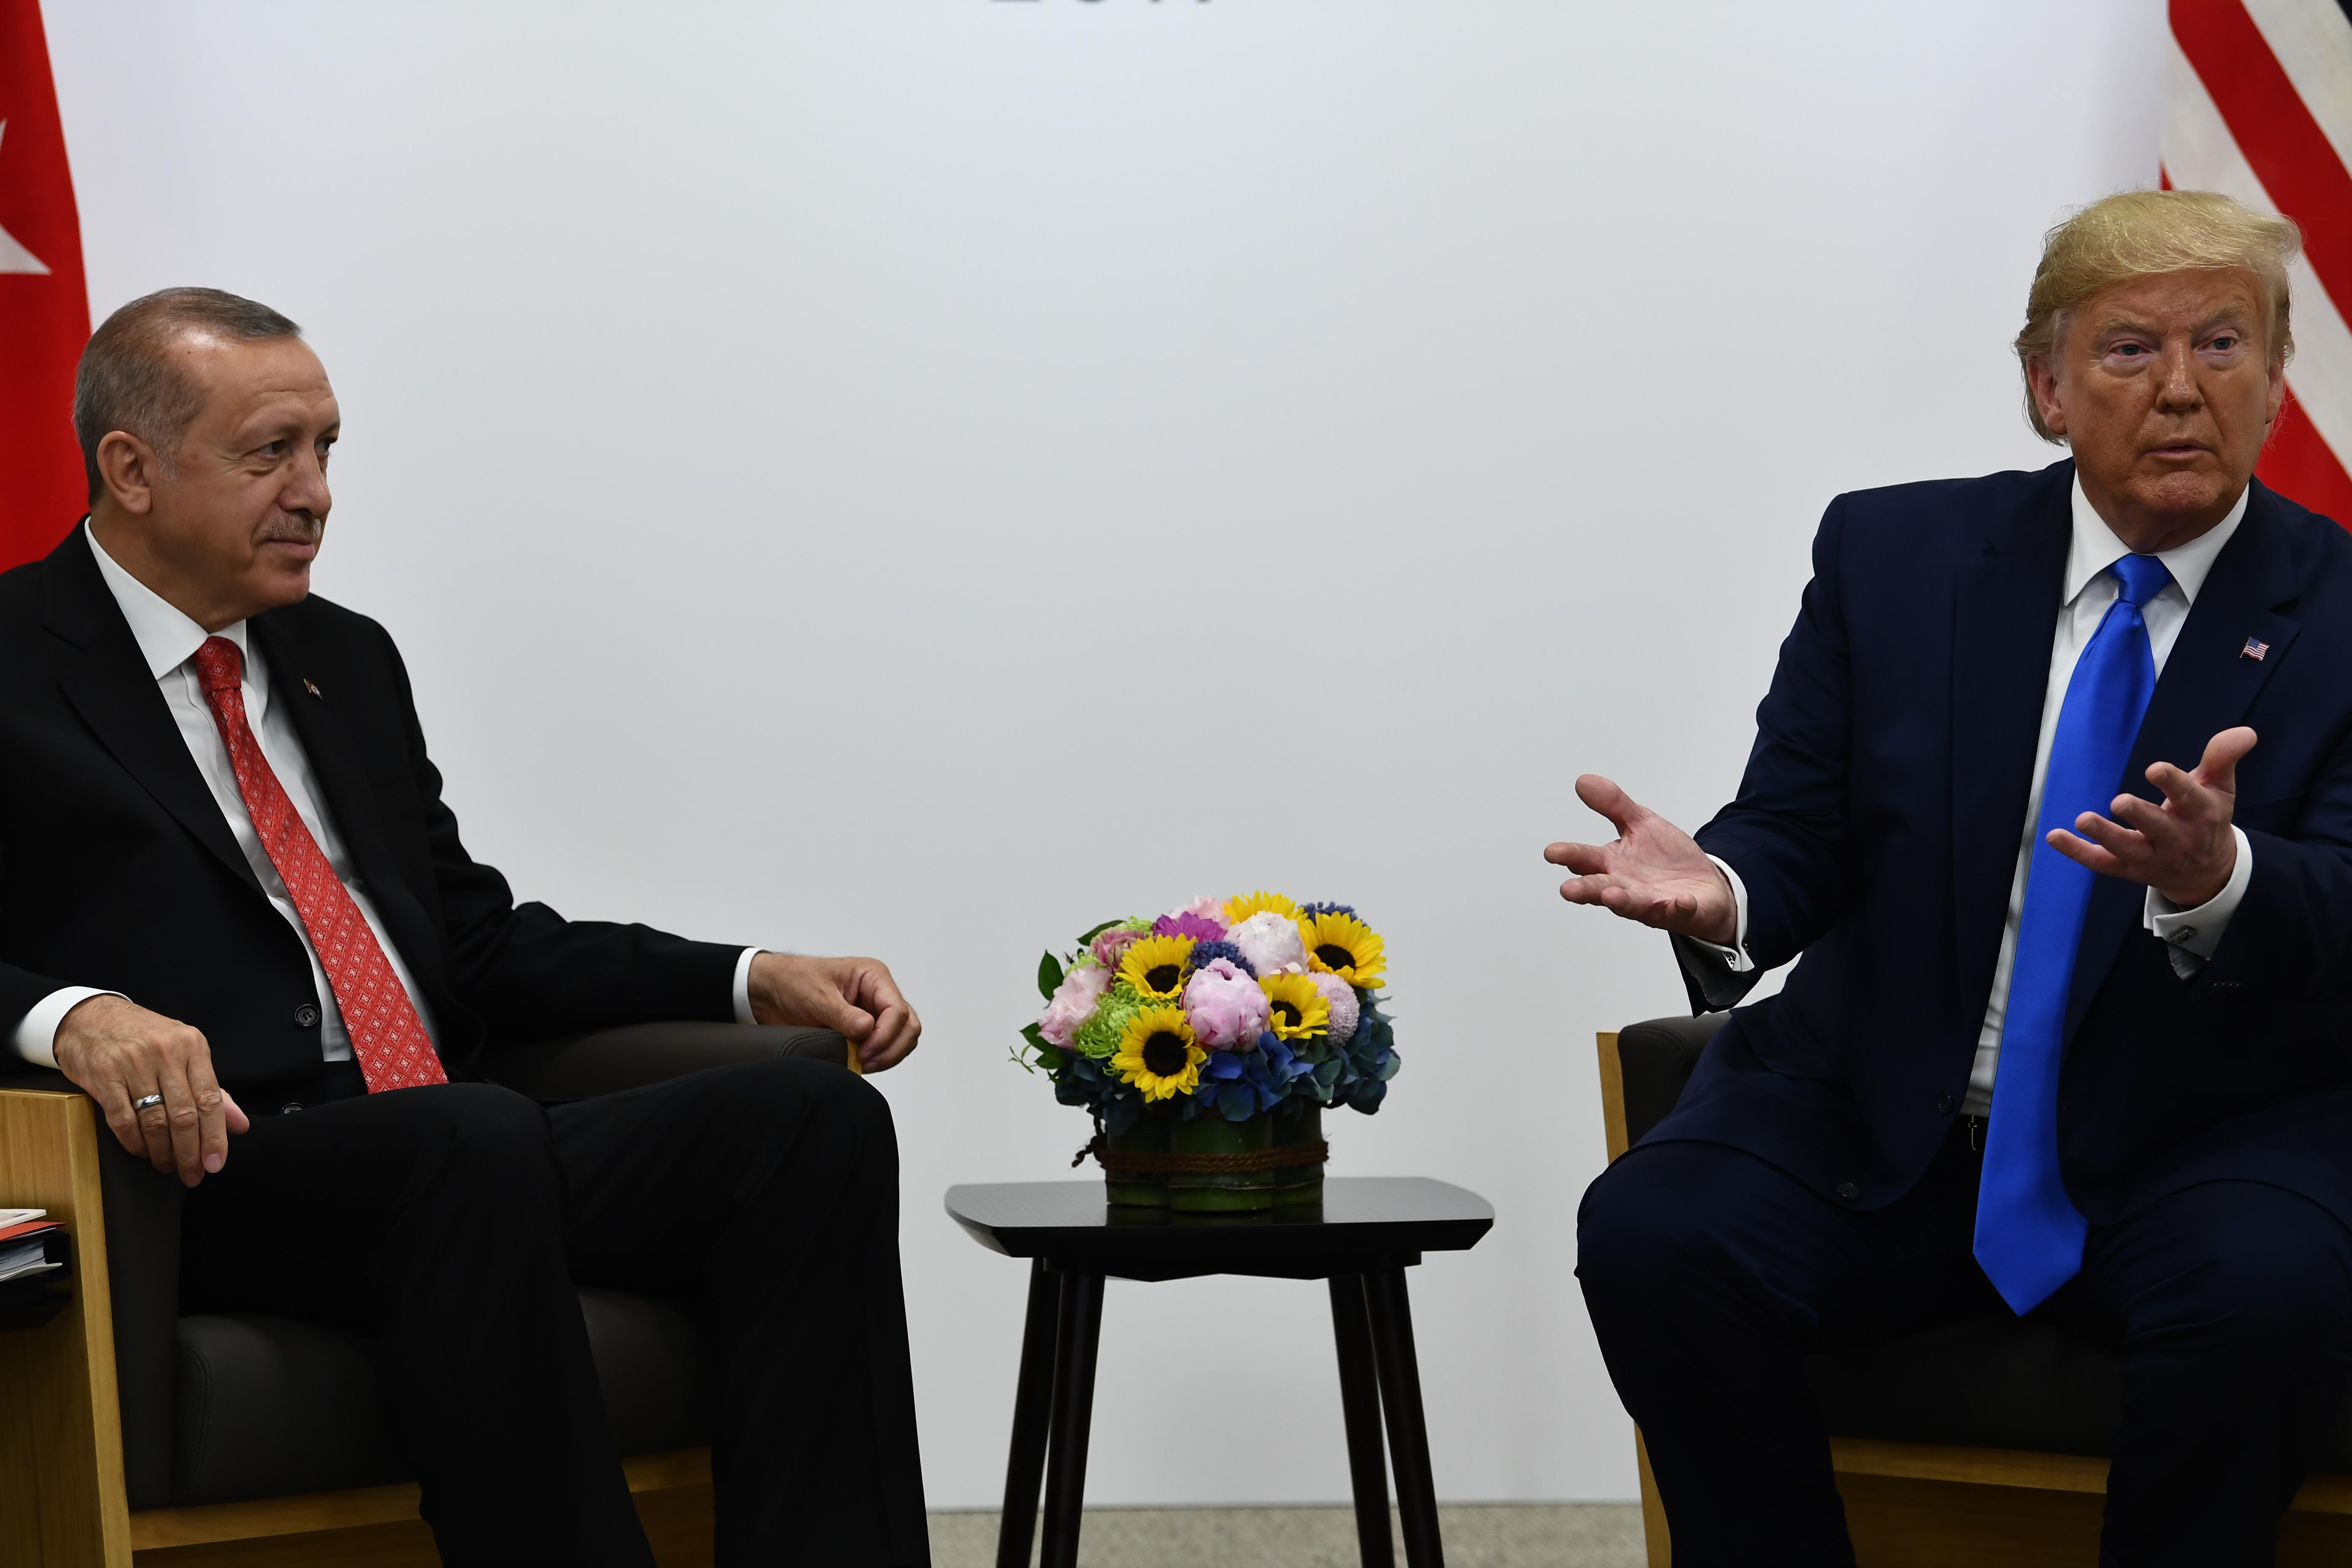 Erdogan a kukába dobta azt a levelet, amiben Trump arra kérte, ne legyen barom